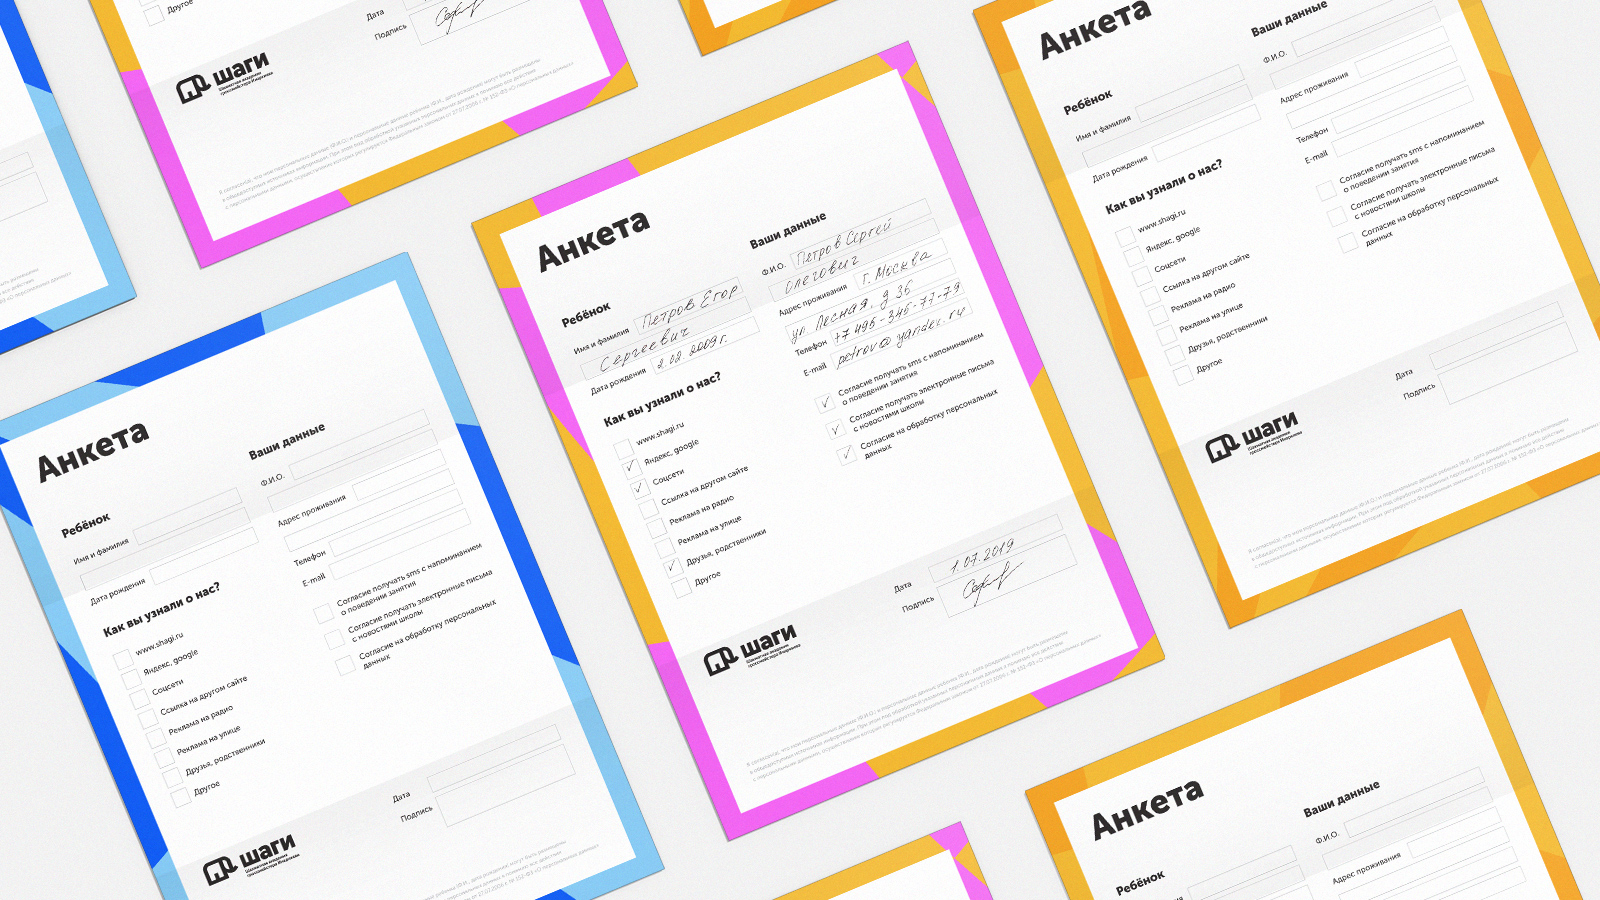 Фирменный стиль отлично работает в дизайне бланков анкет, не перегружая документ, но делая его интересным.